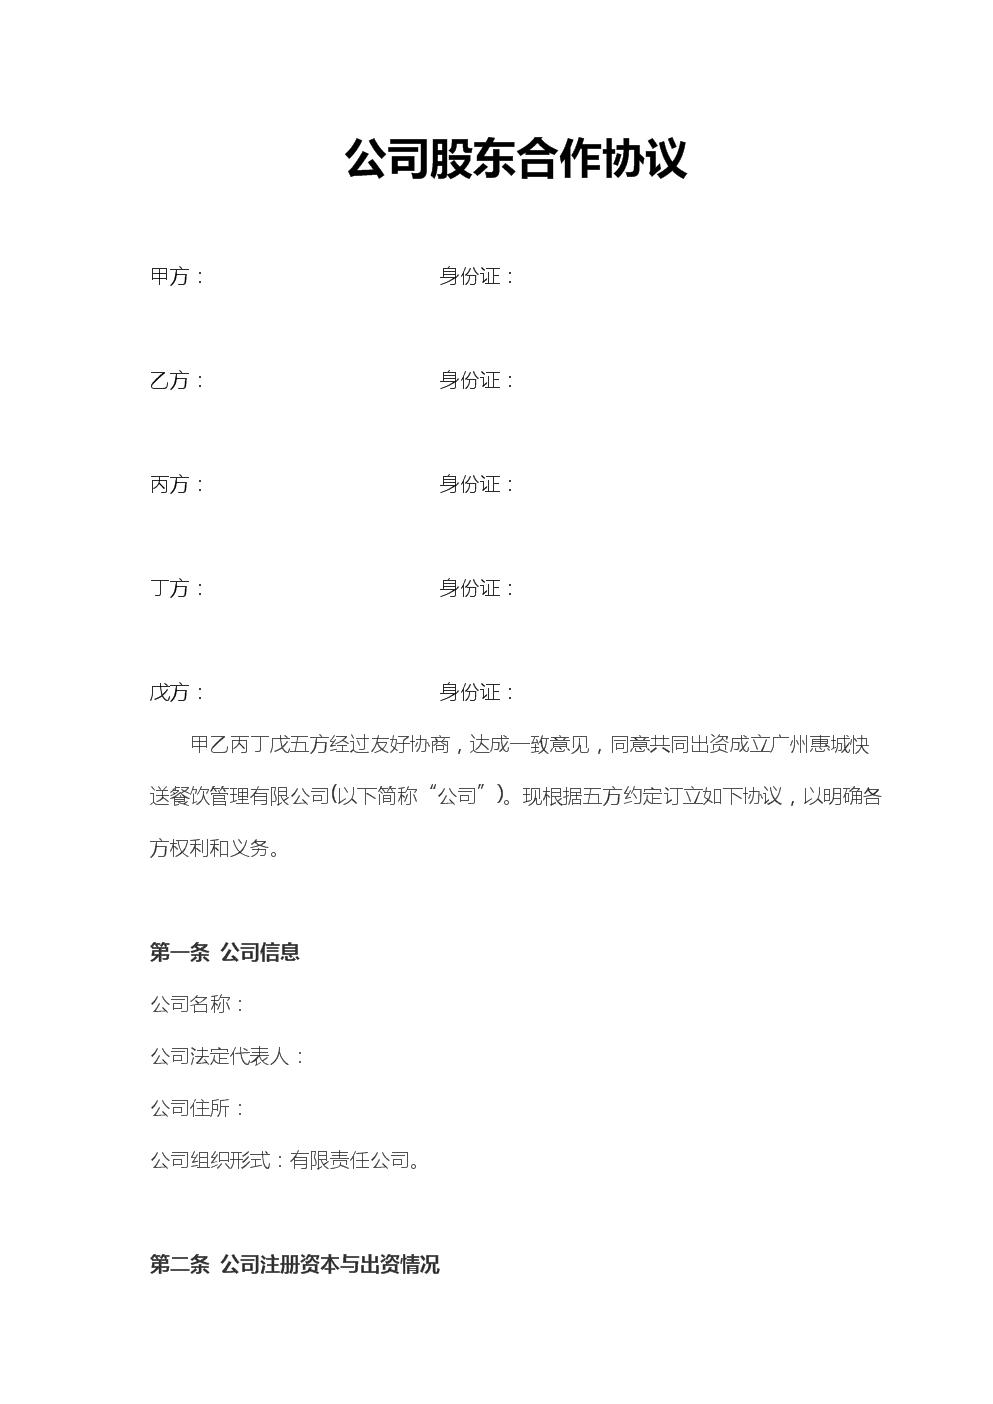 公司股东合作协议通用Word模板.docx